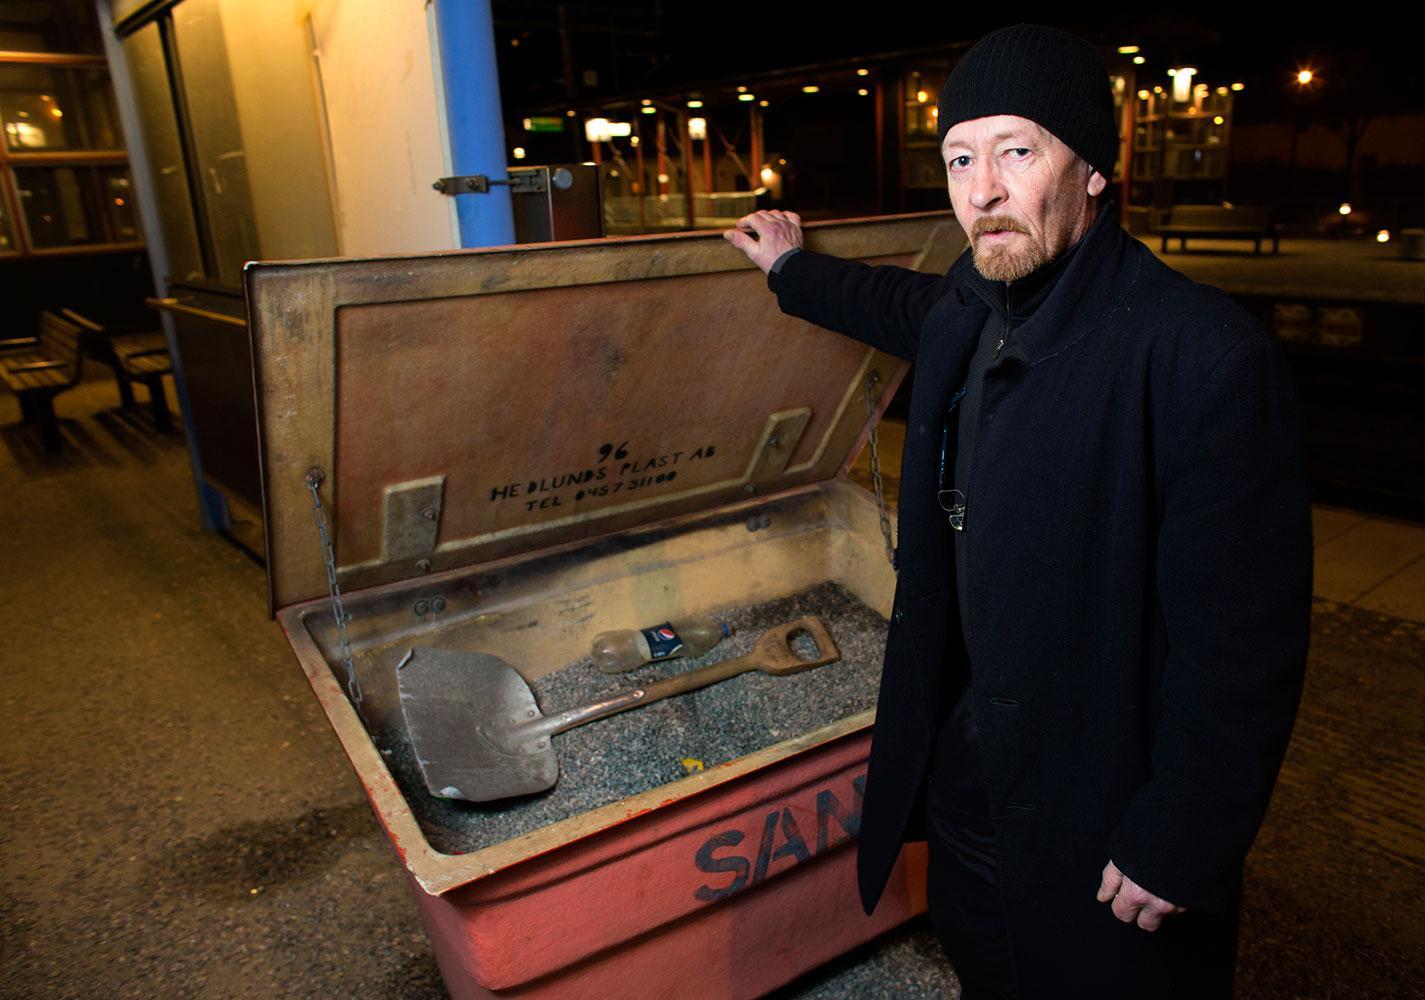 Sten Högman och hans fru såg hur mannen låg och sov i lådan. De larmade polis – men ingen kom.